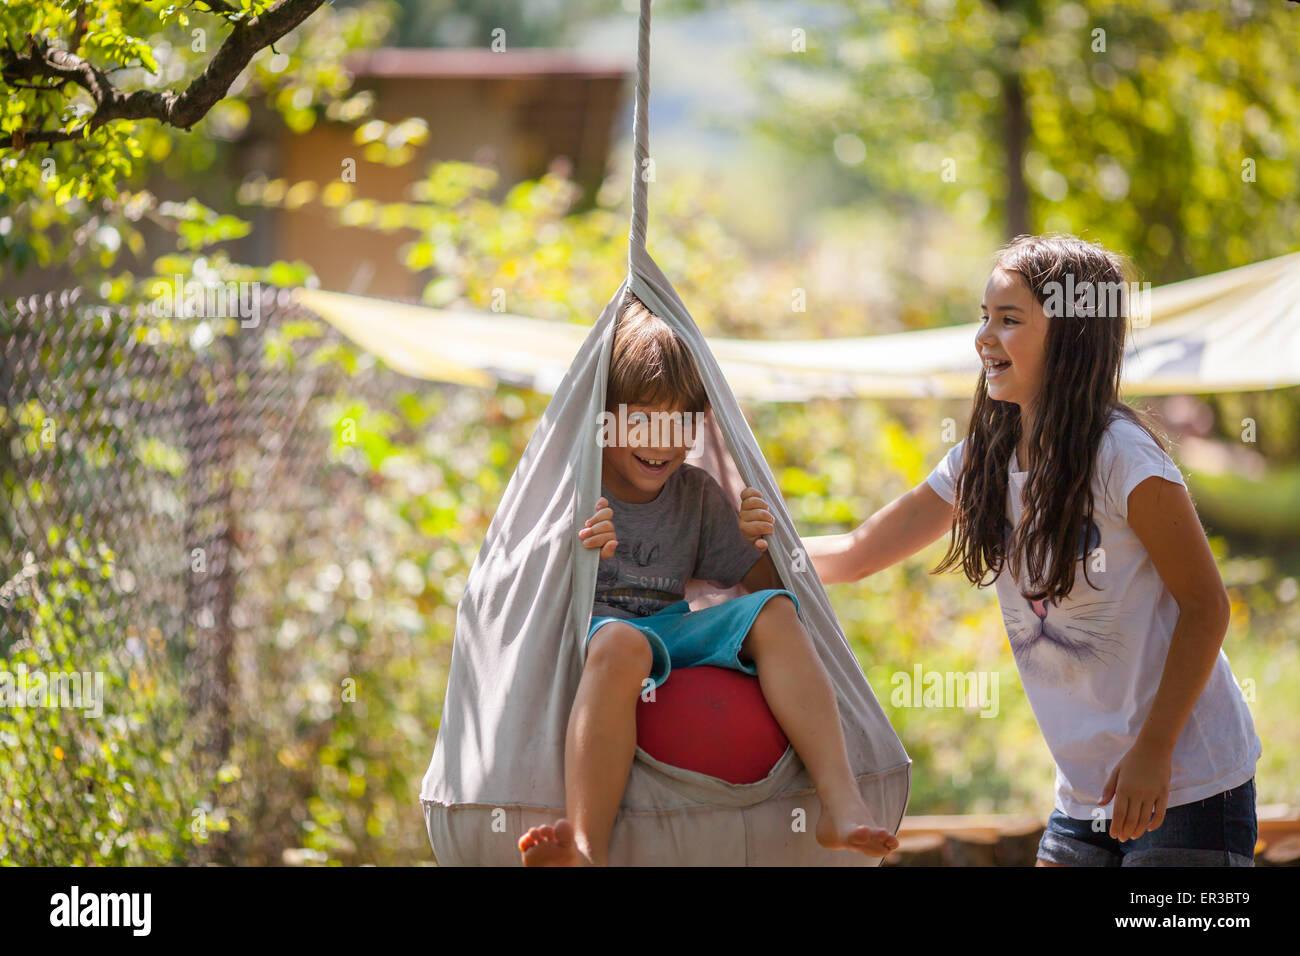 Un ragazzo e una ragazza giocando su un altalena nel giardino Immagini Stock